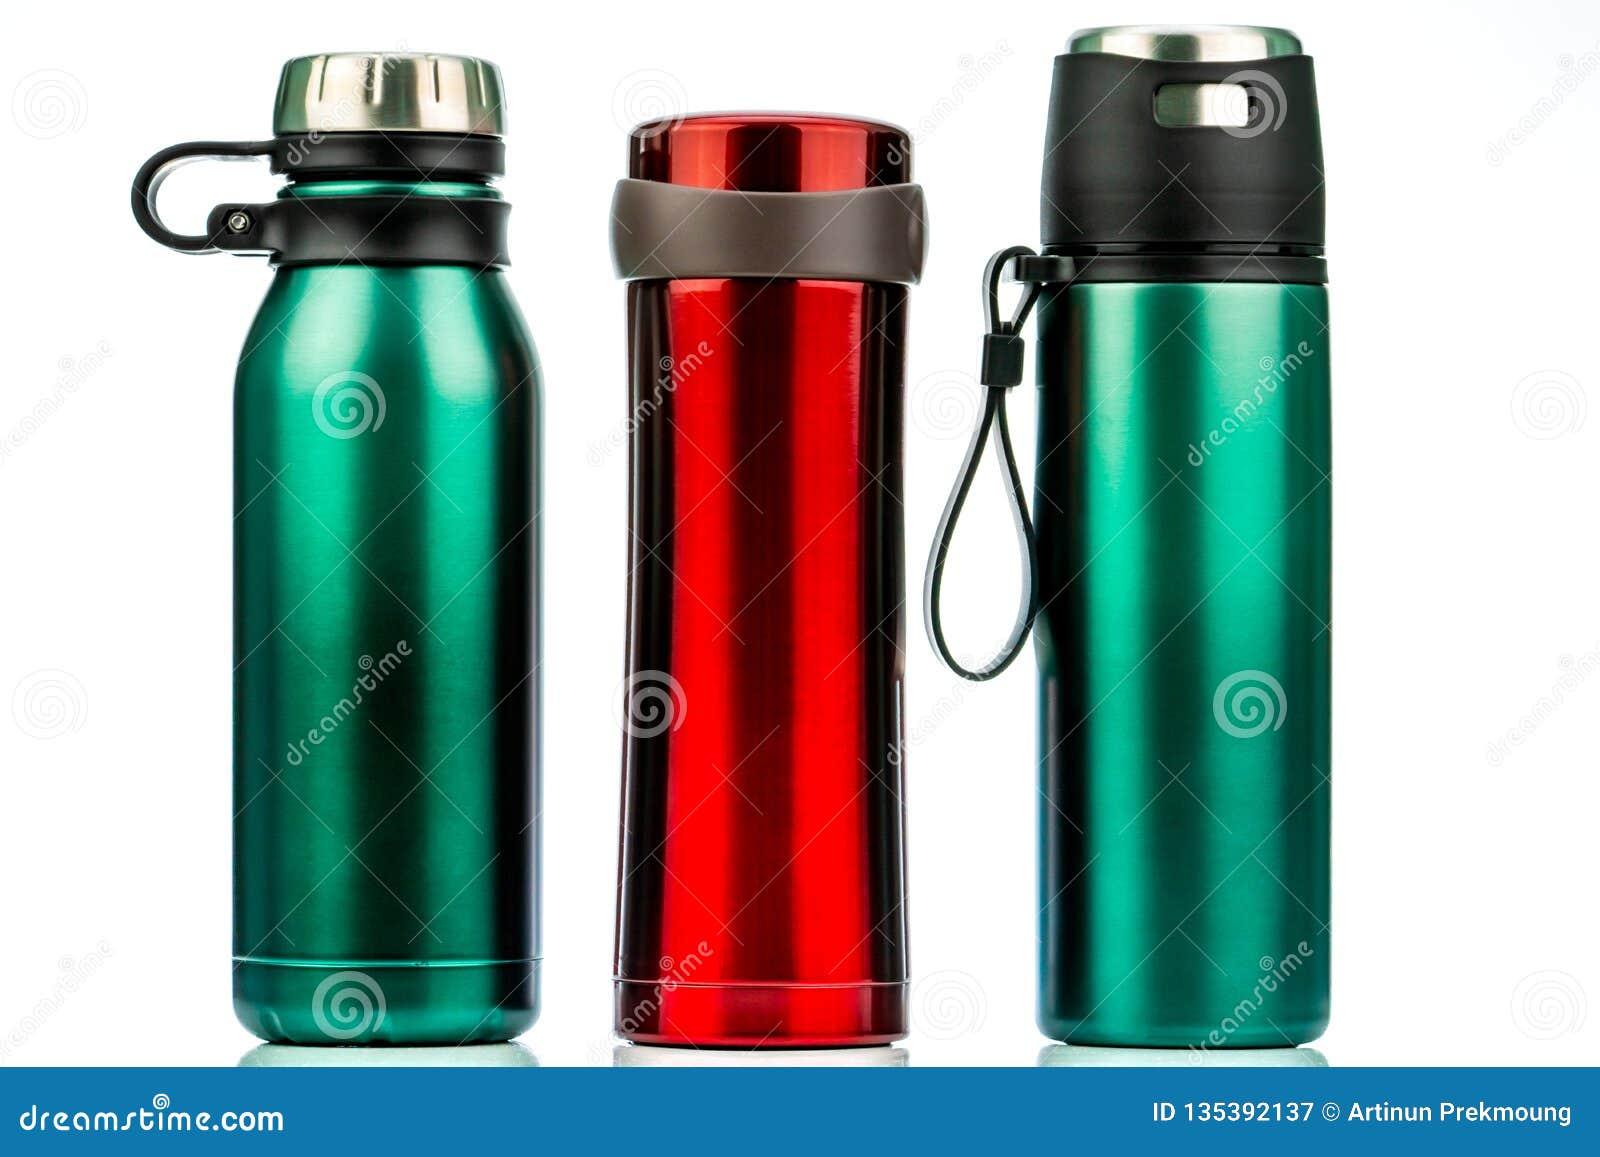 Cantine De Voyage Metallique bouteille de thermos d'isolement sur le fond blanc conteneur